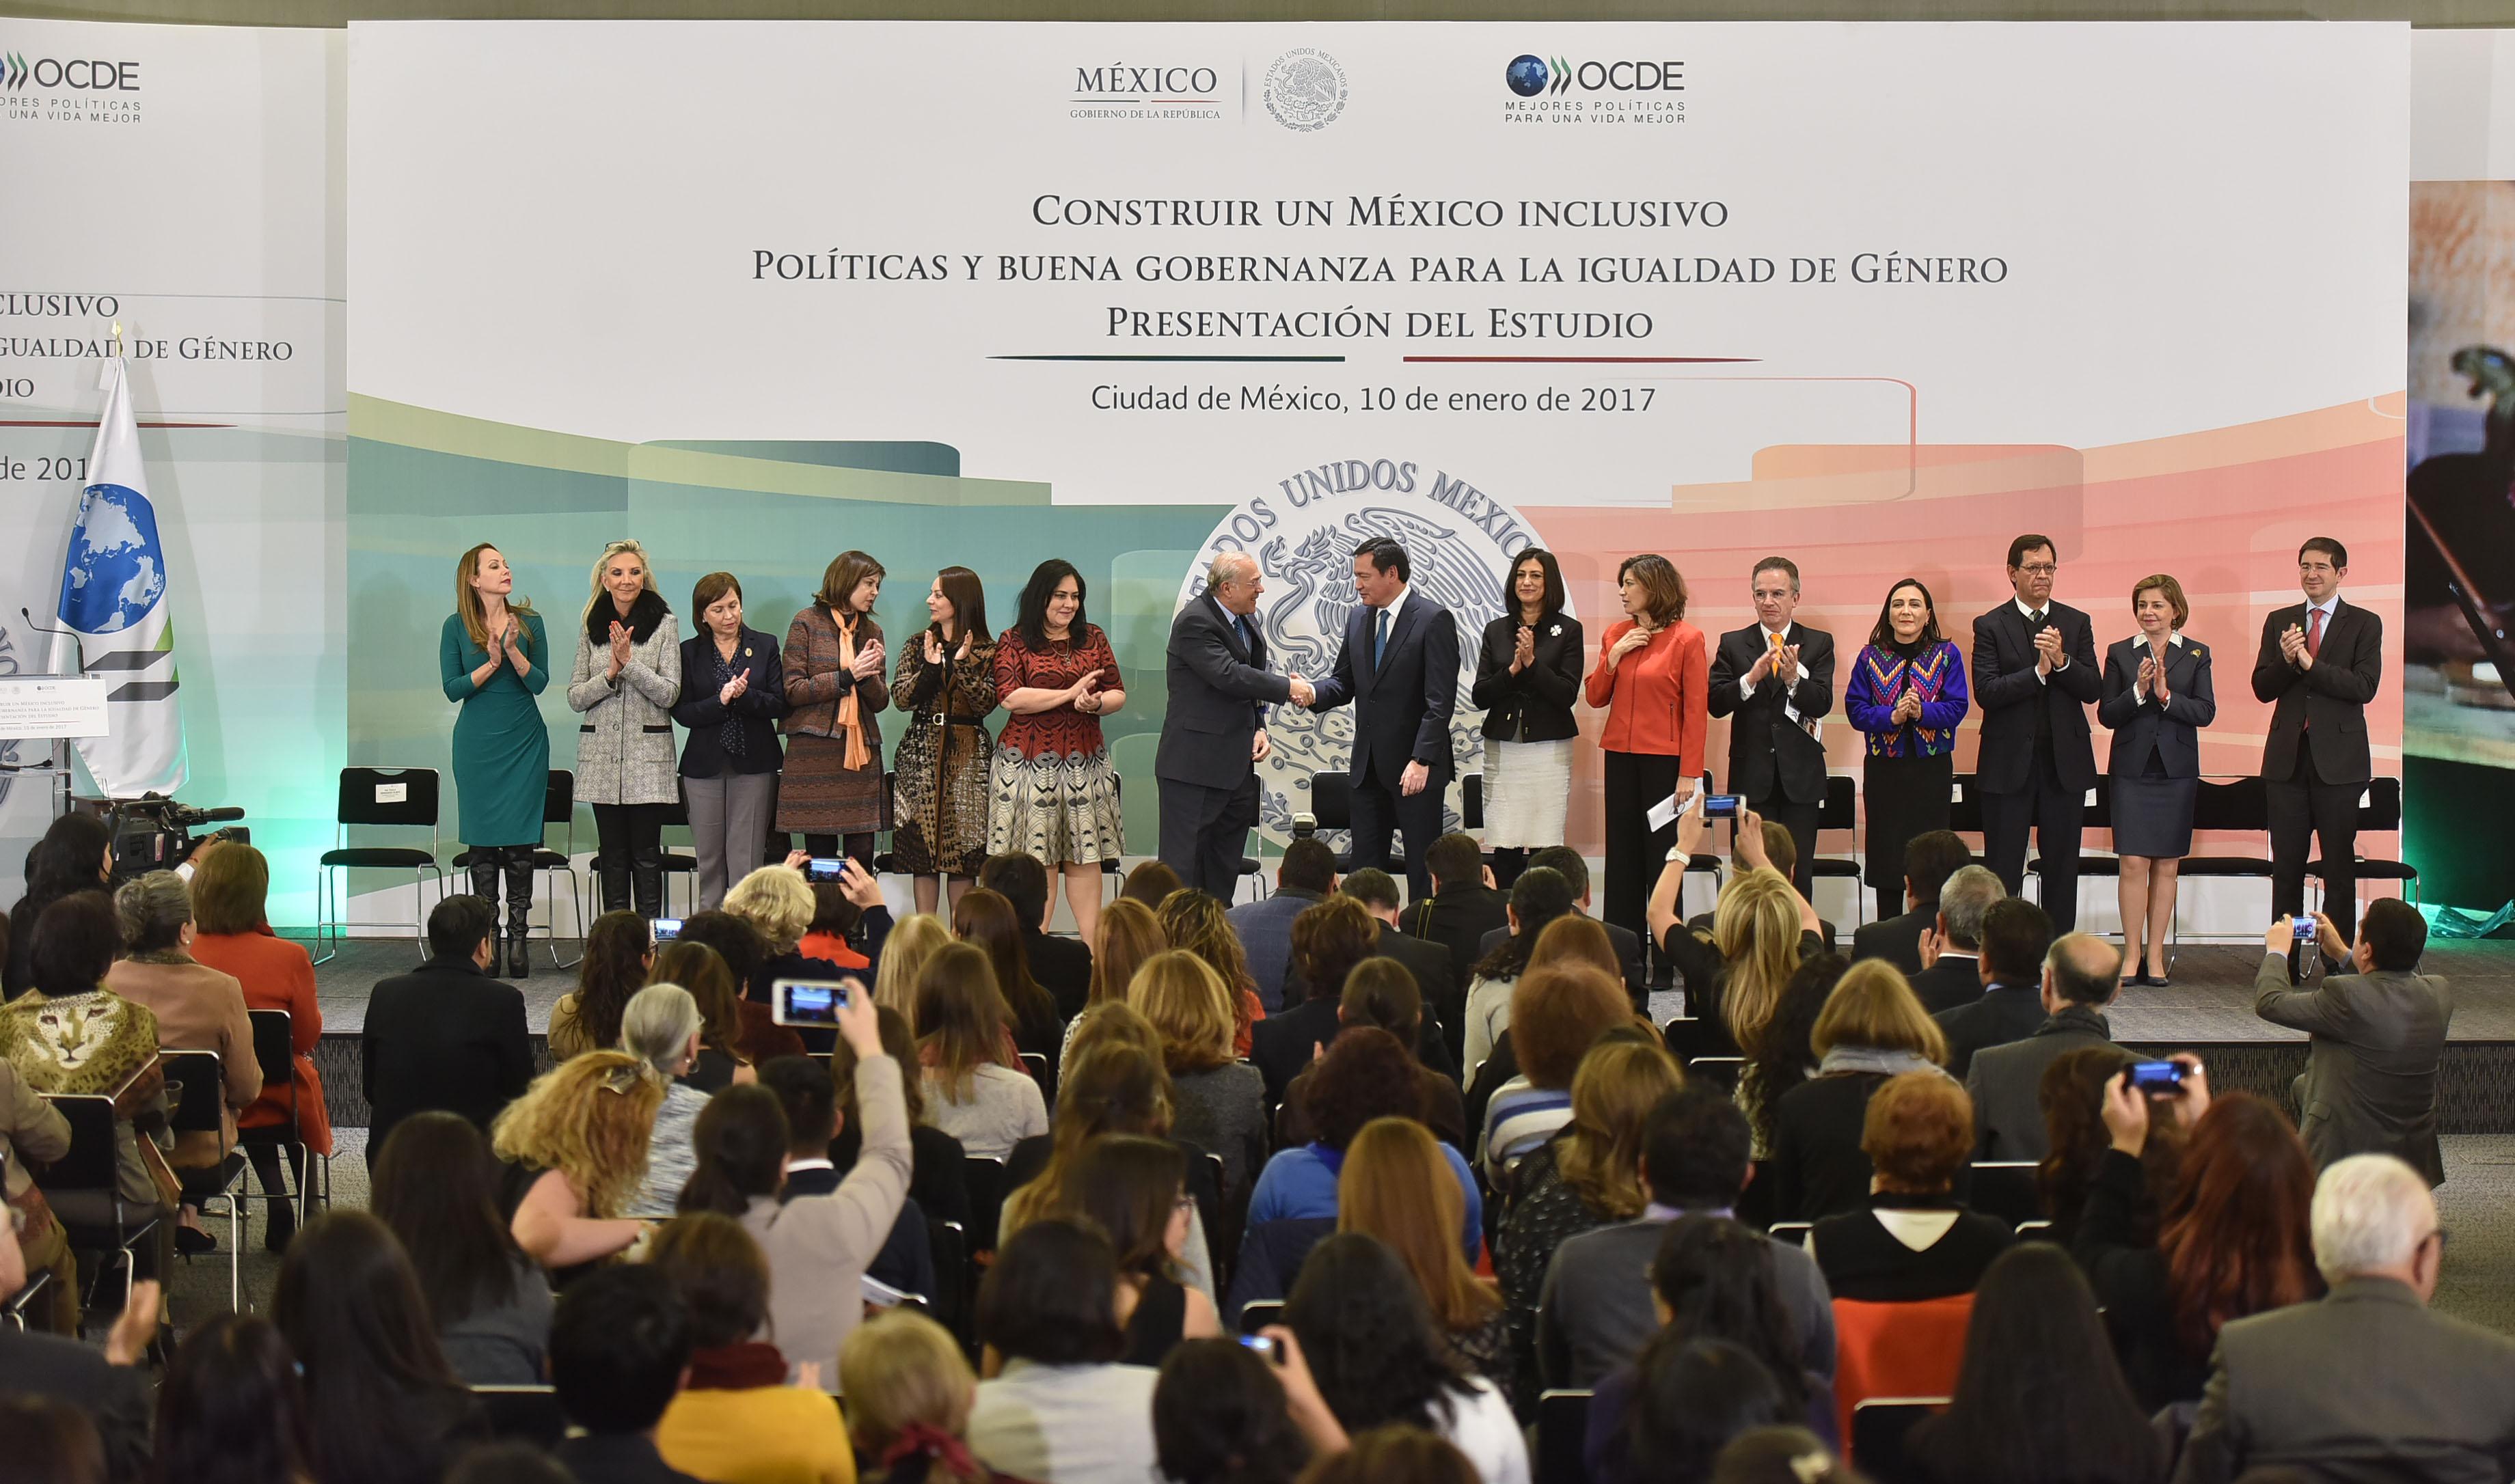 """Miguel Ángel Osorio Chong, Secretario de Gobernación, durante la presentación de del estudio: """"Construir Un México Inclusivo. Política y Buena Gobernanza para la Igualdad de Género"""""""